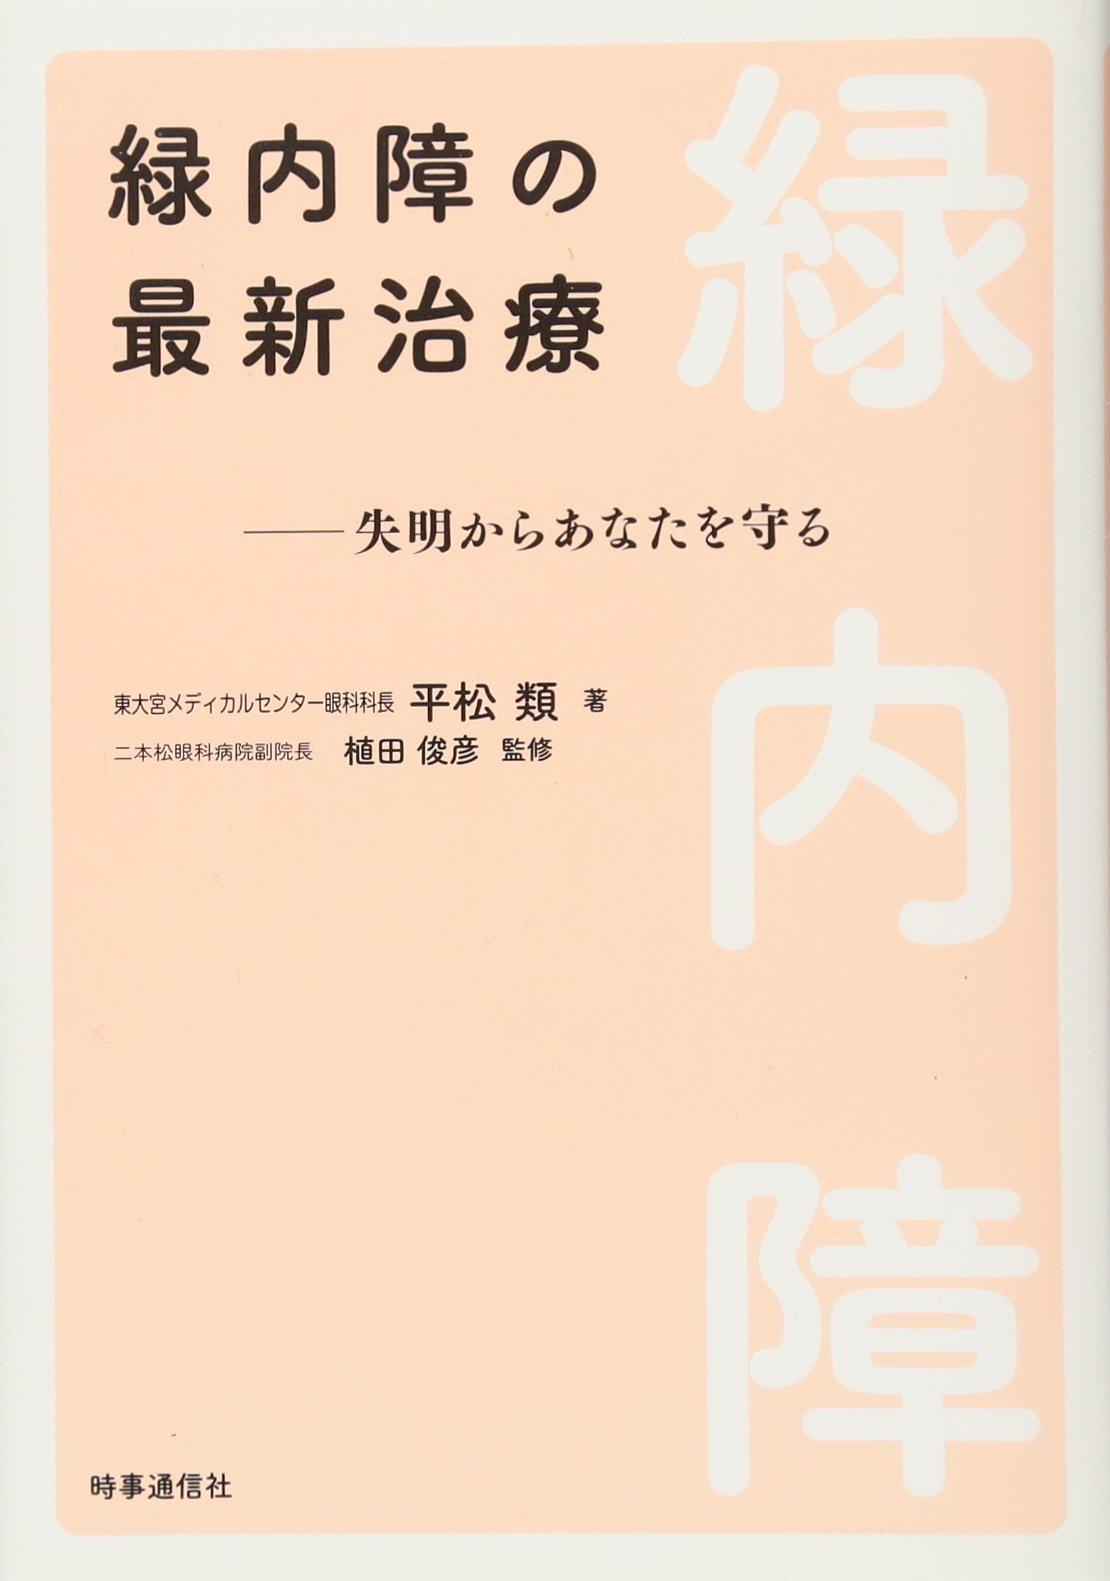 Read Online Ryokunaisho no saishin chiryo : Shitsumei kara anata o mamoru. pdf